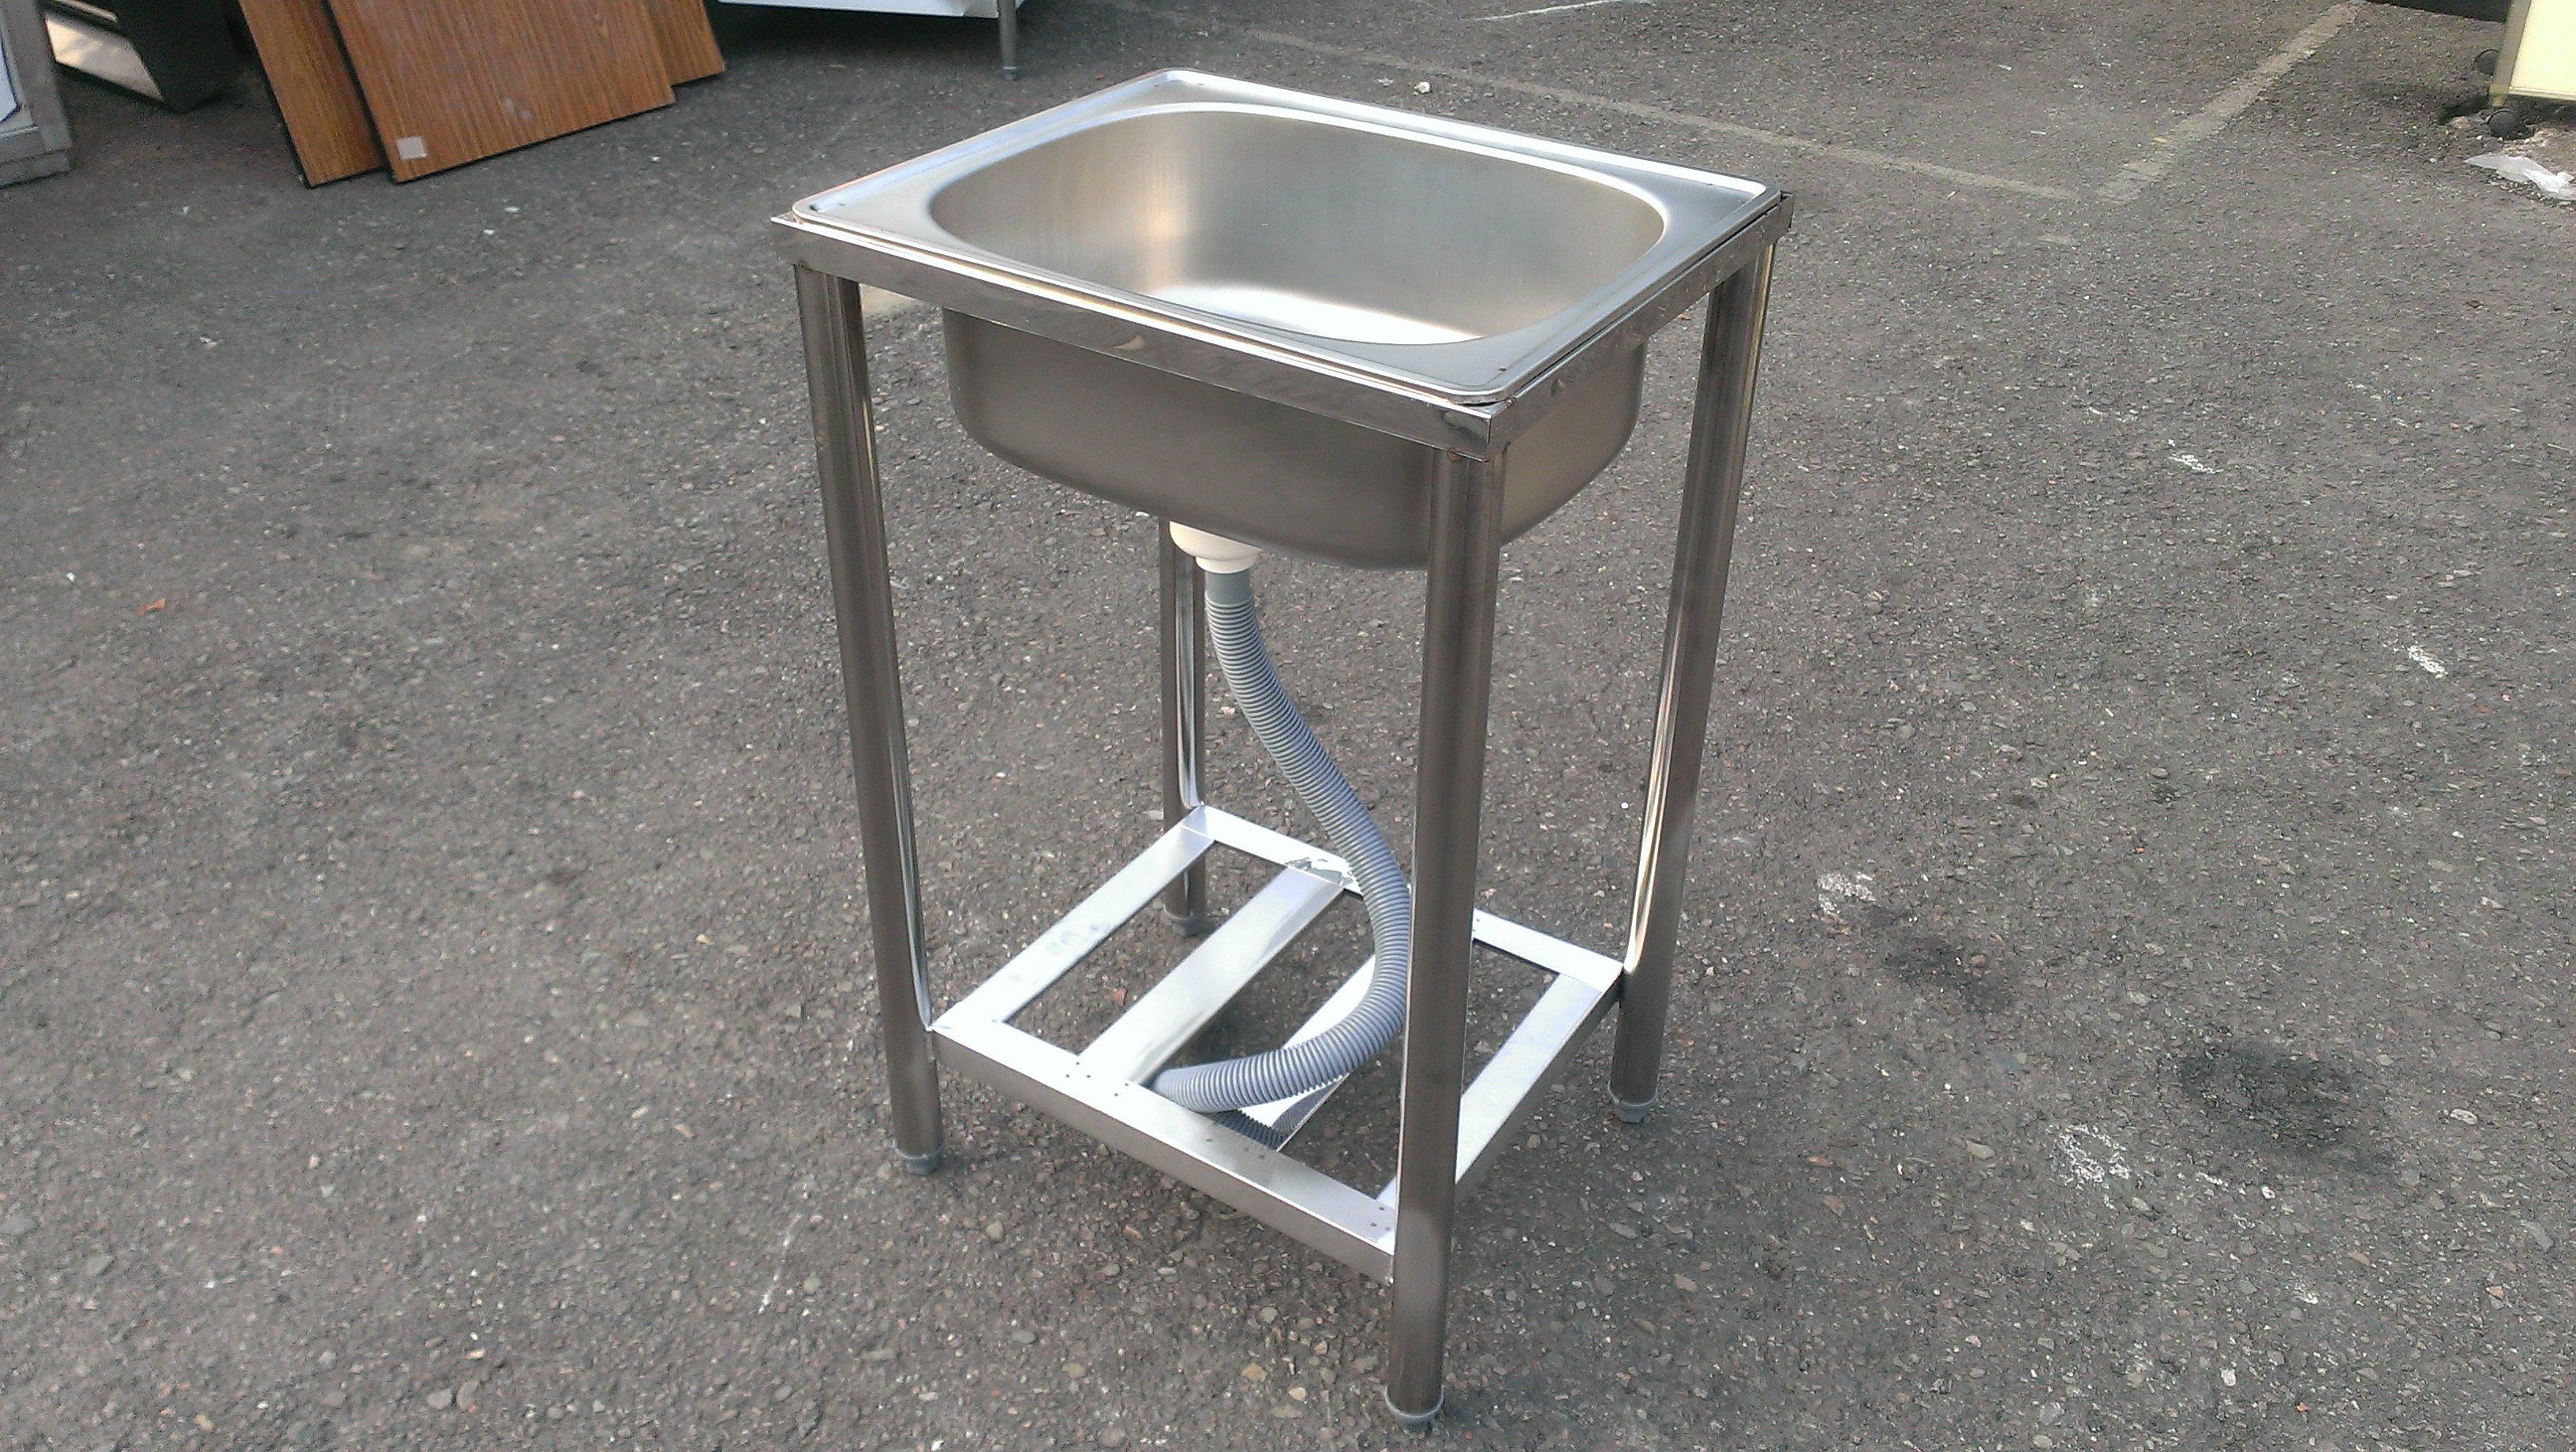 大台南冠均二手貨--全新 304#台面 49cm 單孔水槽 洗手槽 洗菜槽 洗碗工作槽 流理台 *工作台/攤車/餐飲設備